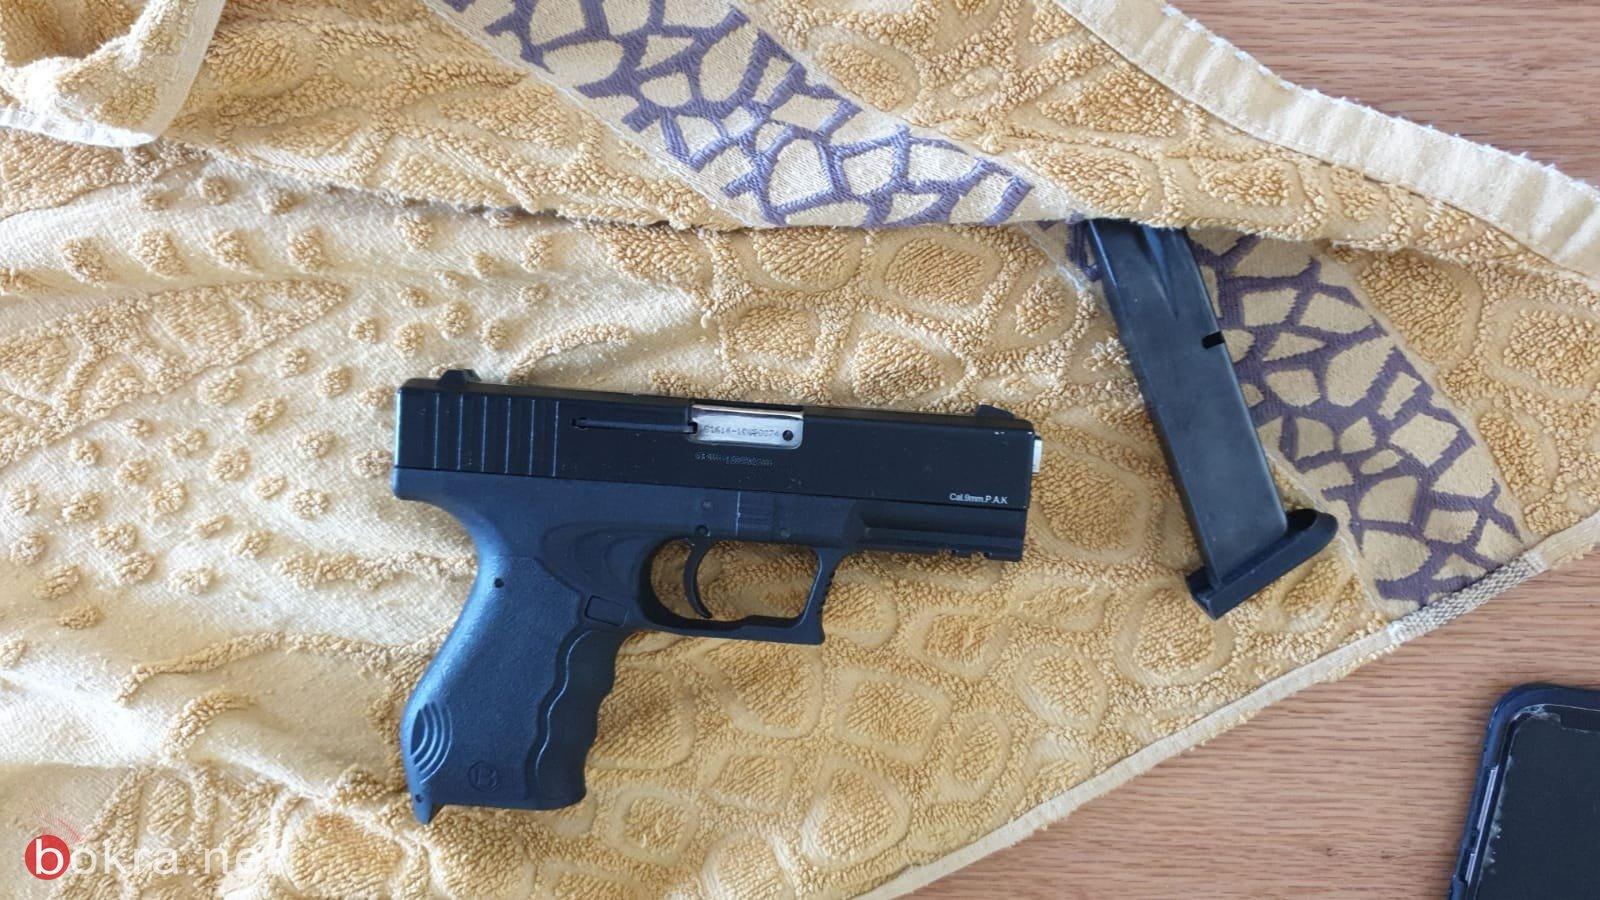 ضبط ثلاثة مسدسات خلال تفتيش في مدينة اللد -0